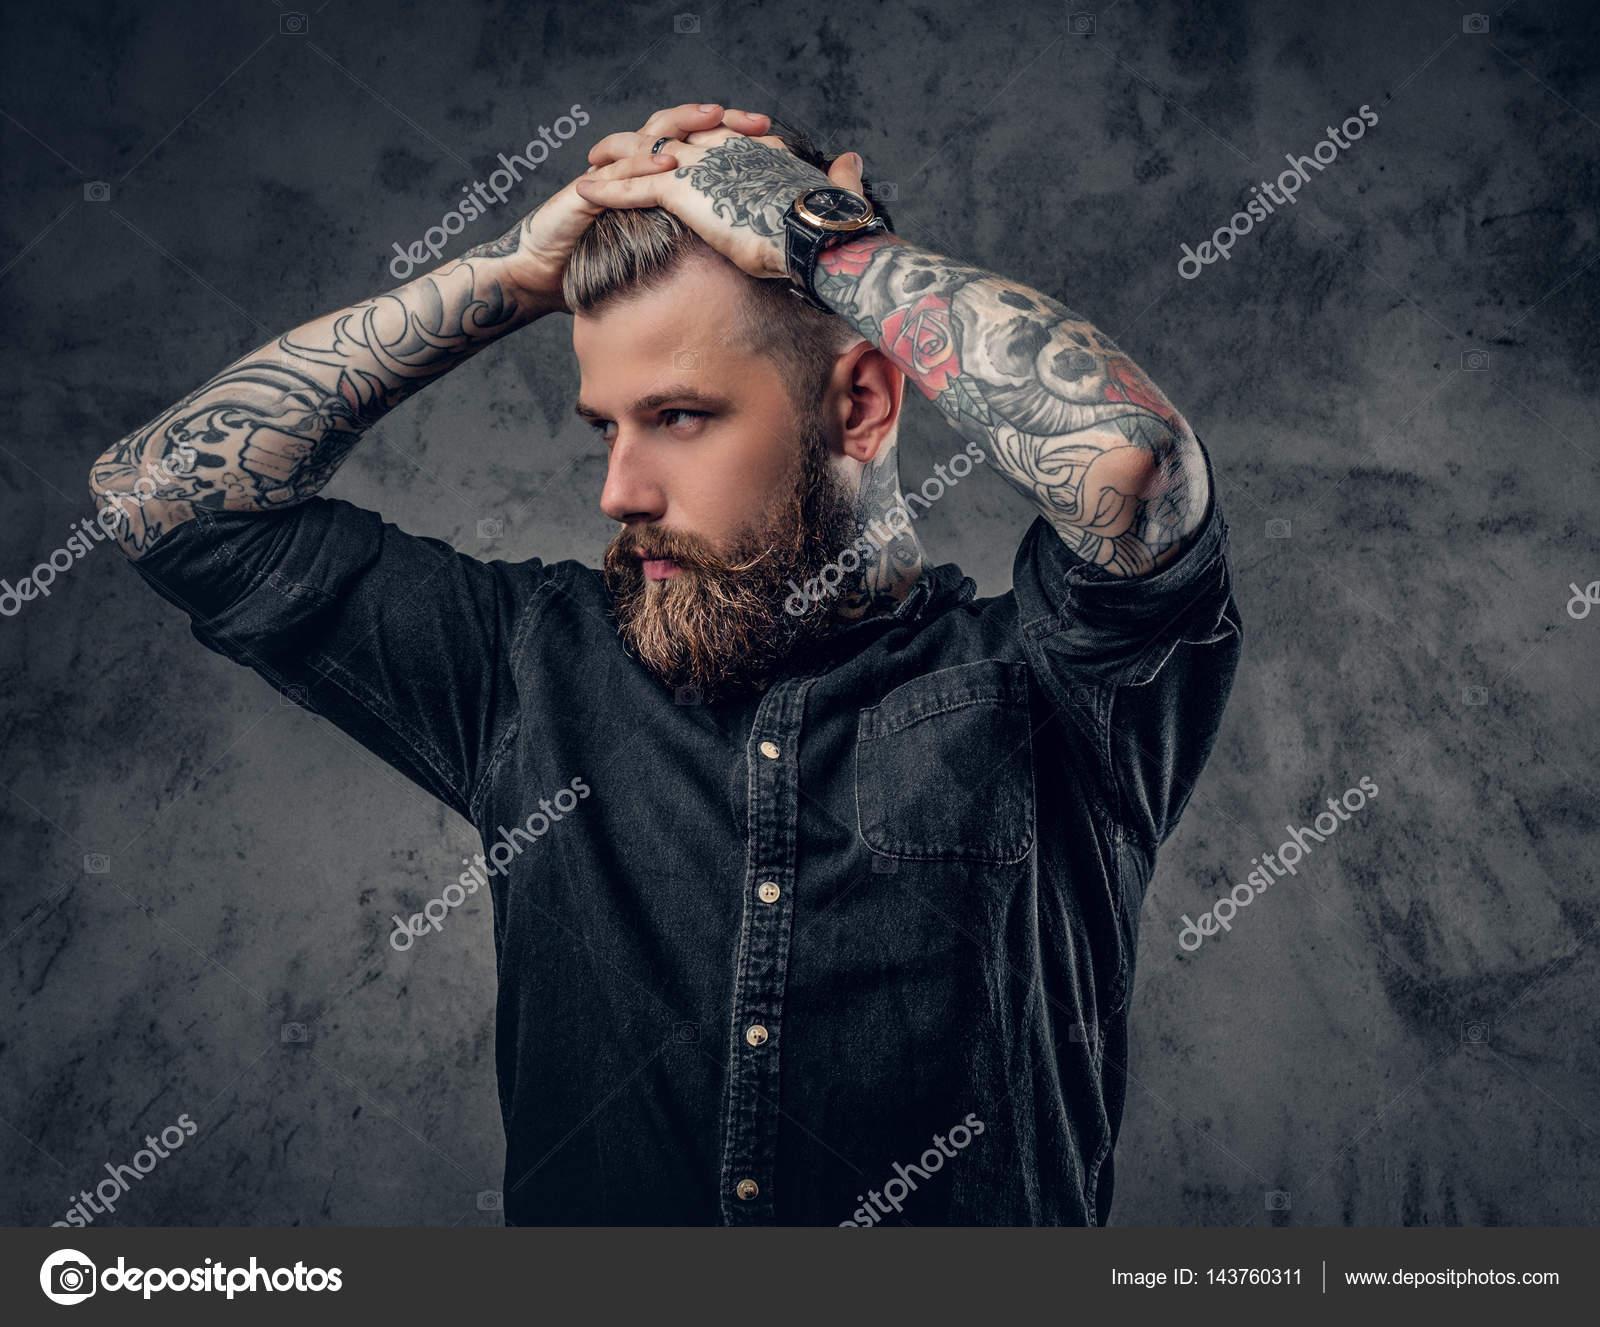 Homme Barbu Hipster Avec Des Tatouages Photographie Fxquadro